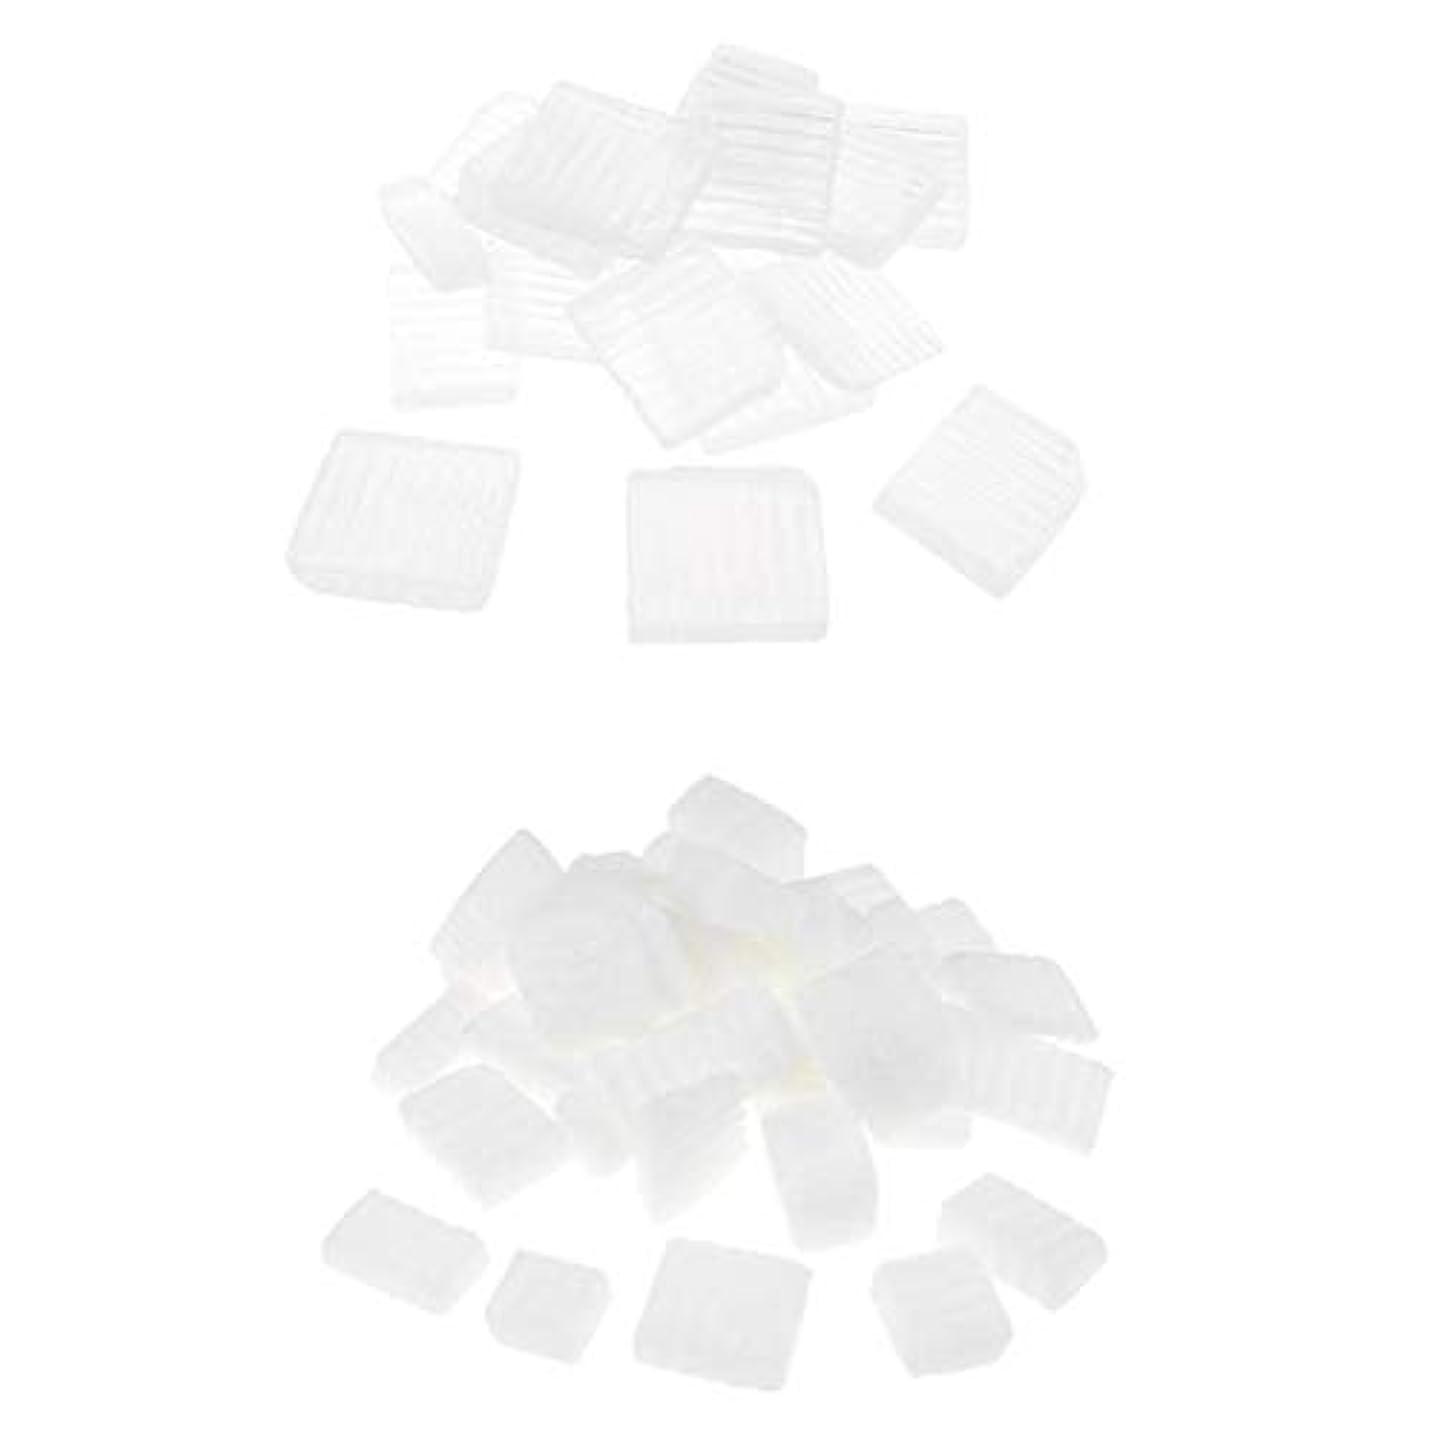 社会学ムスドライバBaoblaze 固形せっけん 2KG 2種 ホワイト 透明 DIYハンドメイド ソープ原料 石鹸製造 古典的